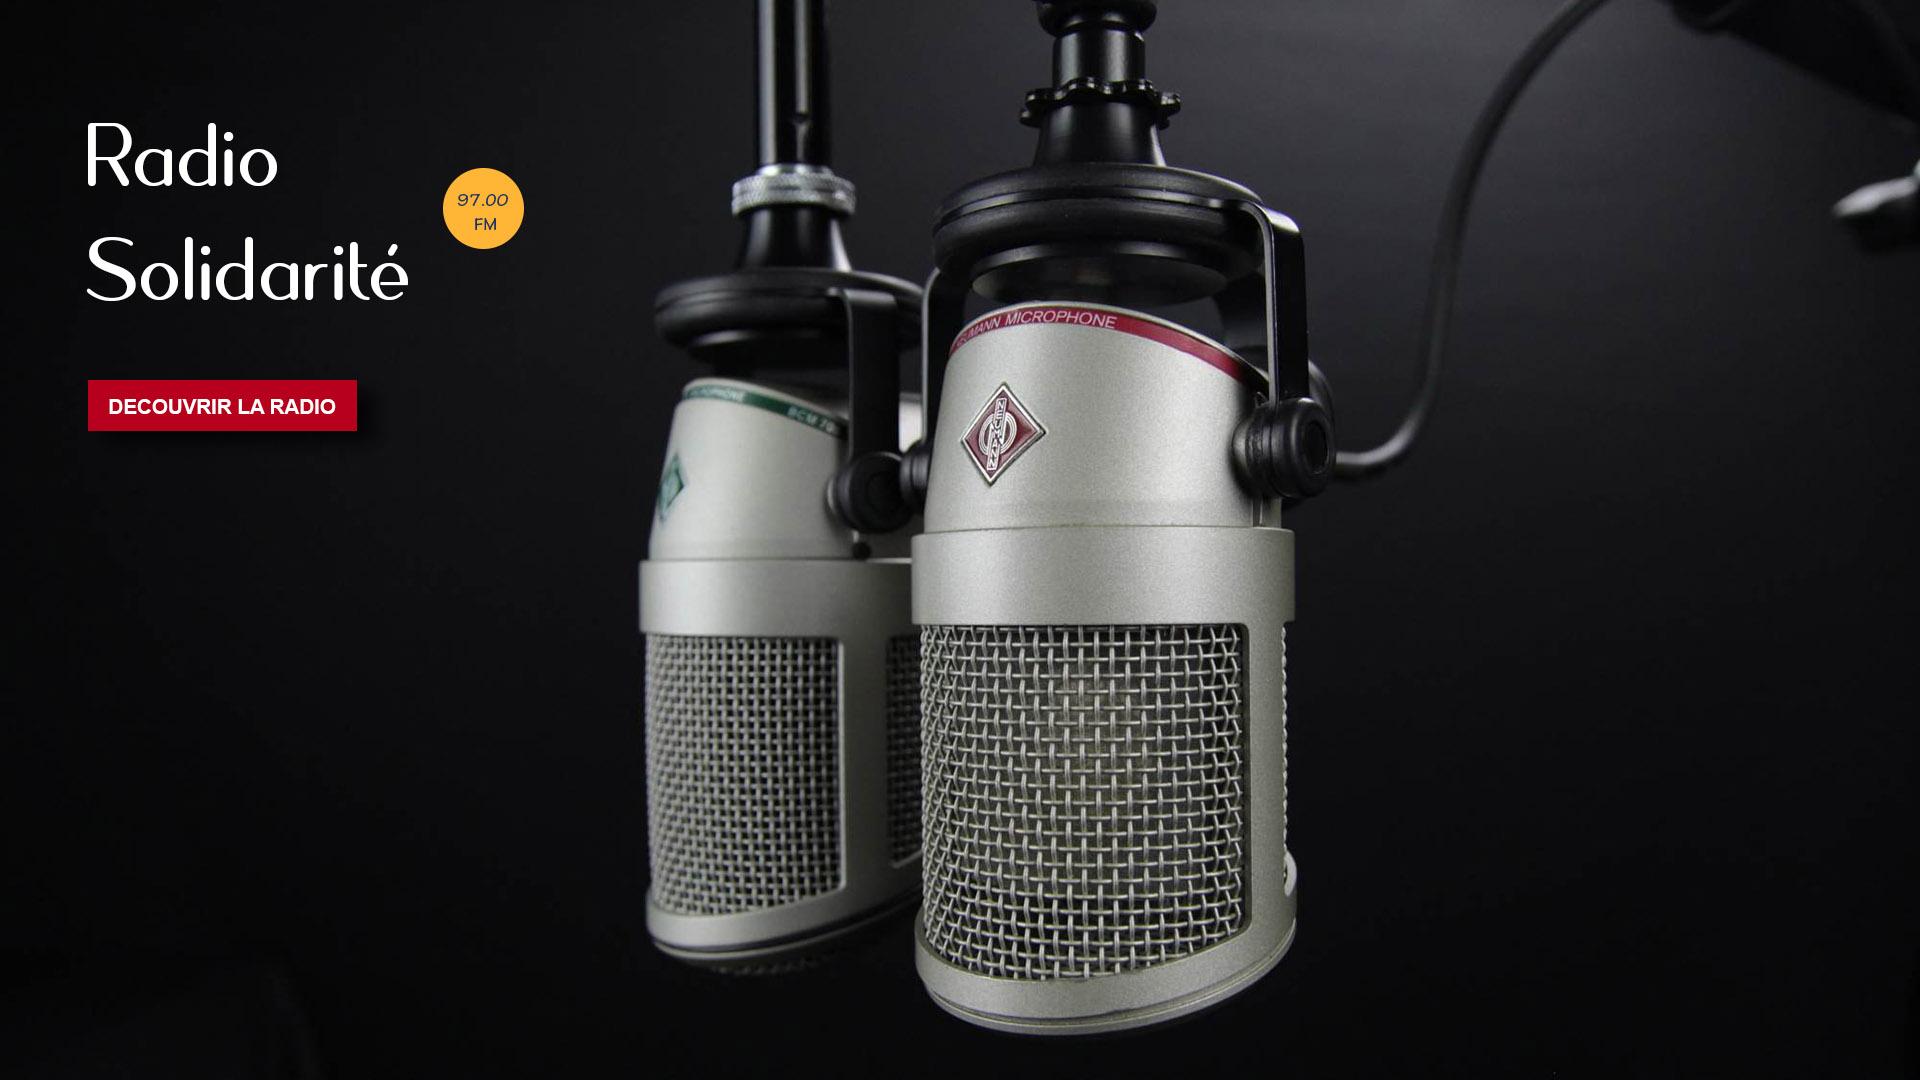 Bienvenue sur le portail de Radio Solidarité